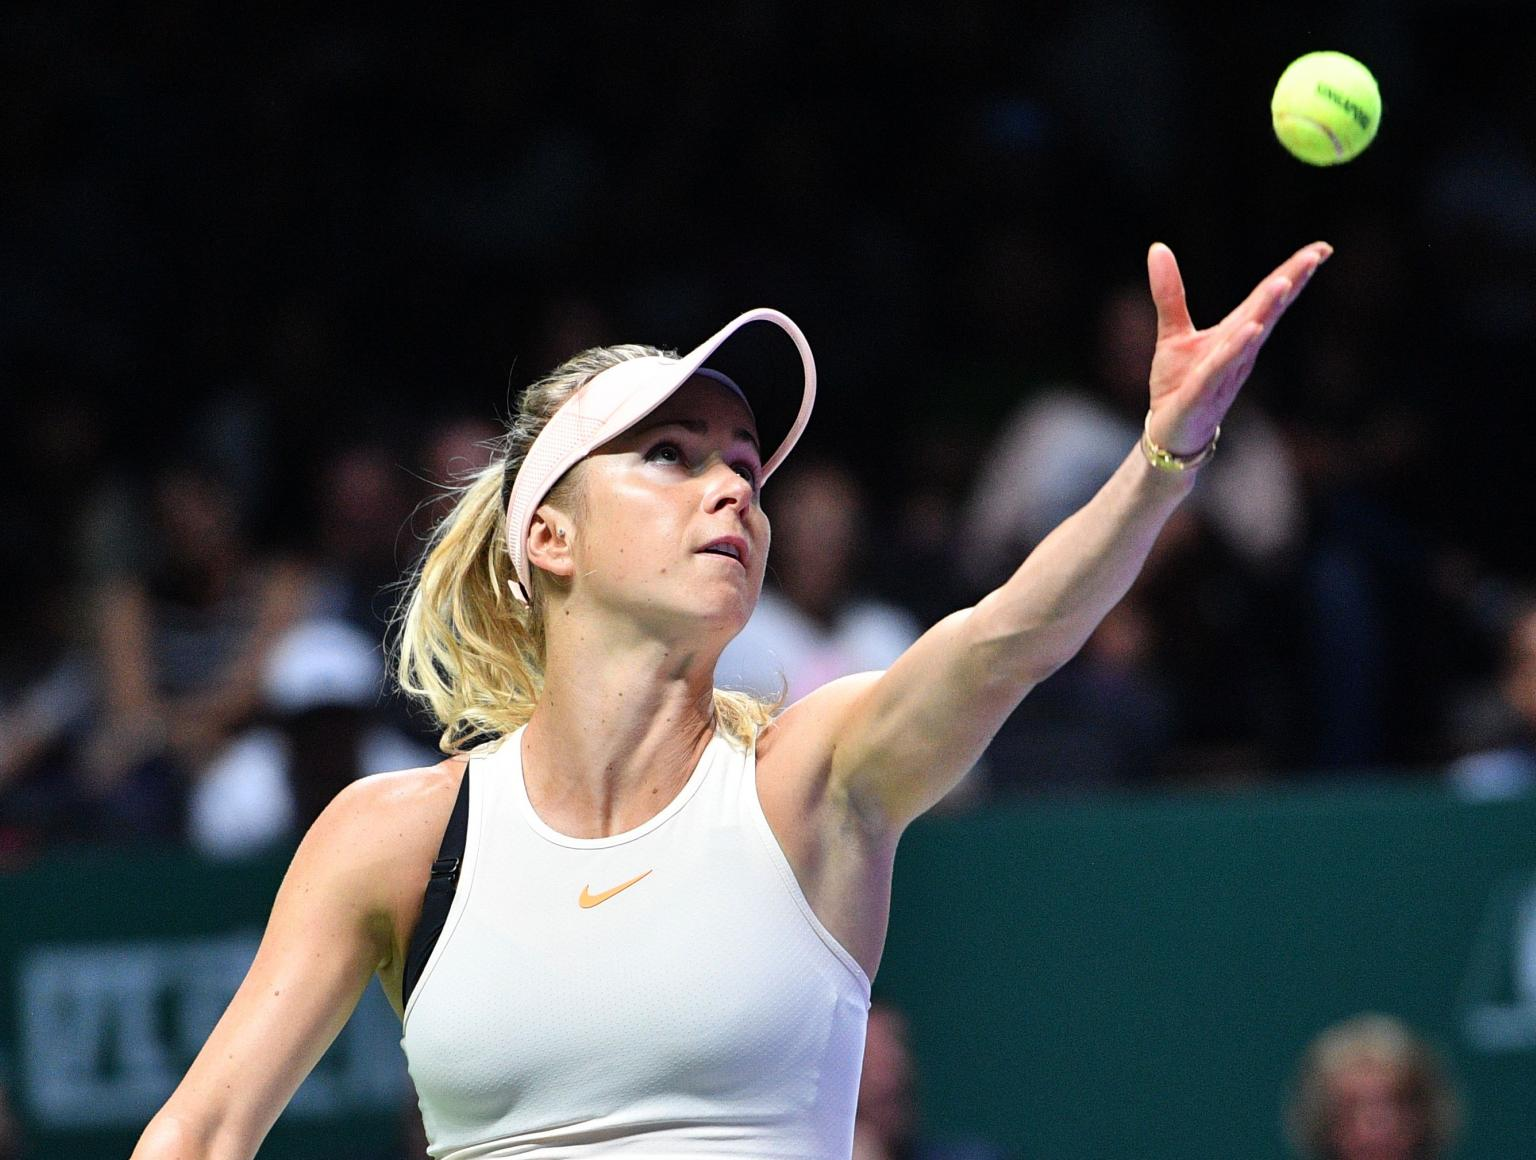 WTA Finals, Svitolina e Pliskova in semifinale. Eliminate Wozniacki e Kvitova